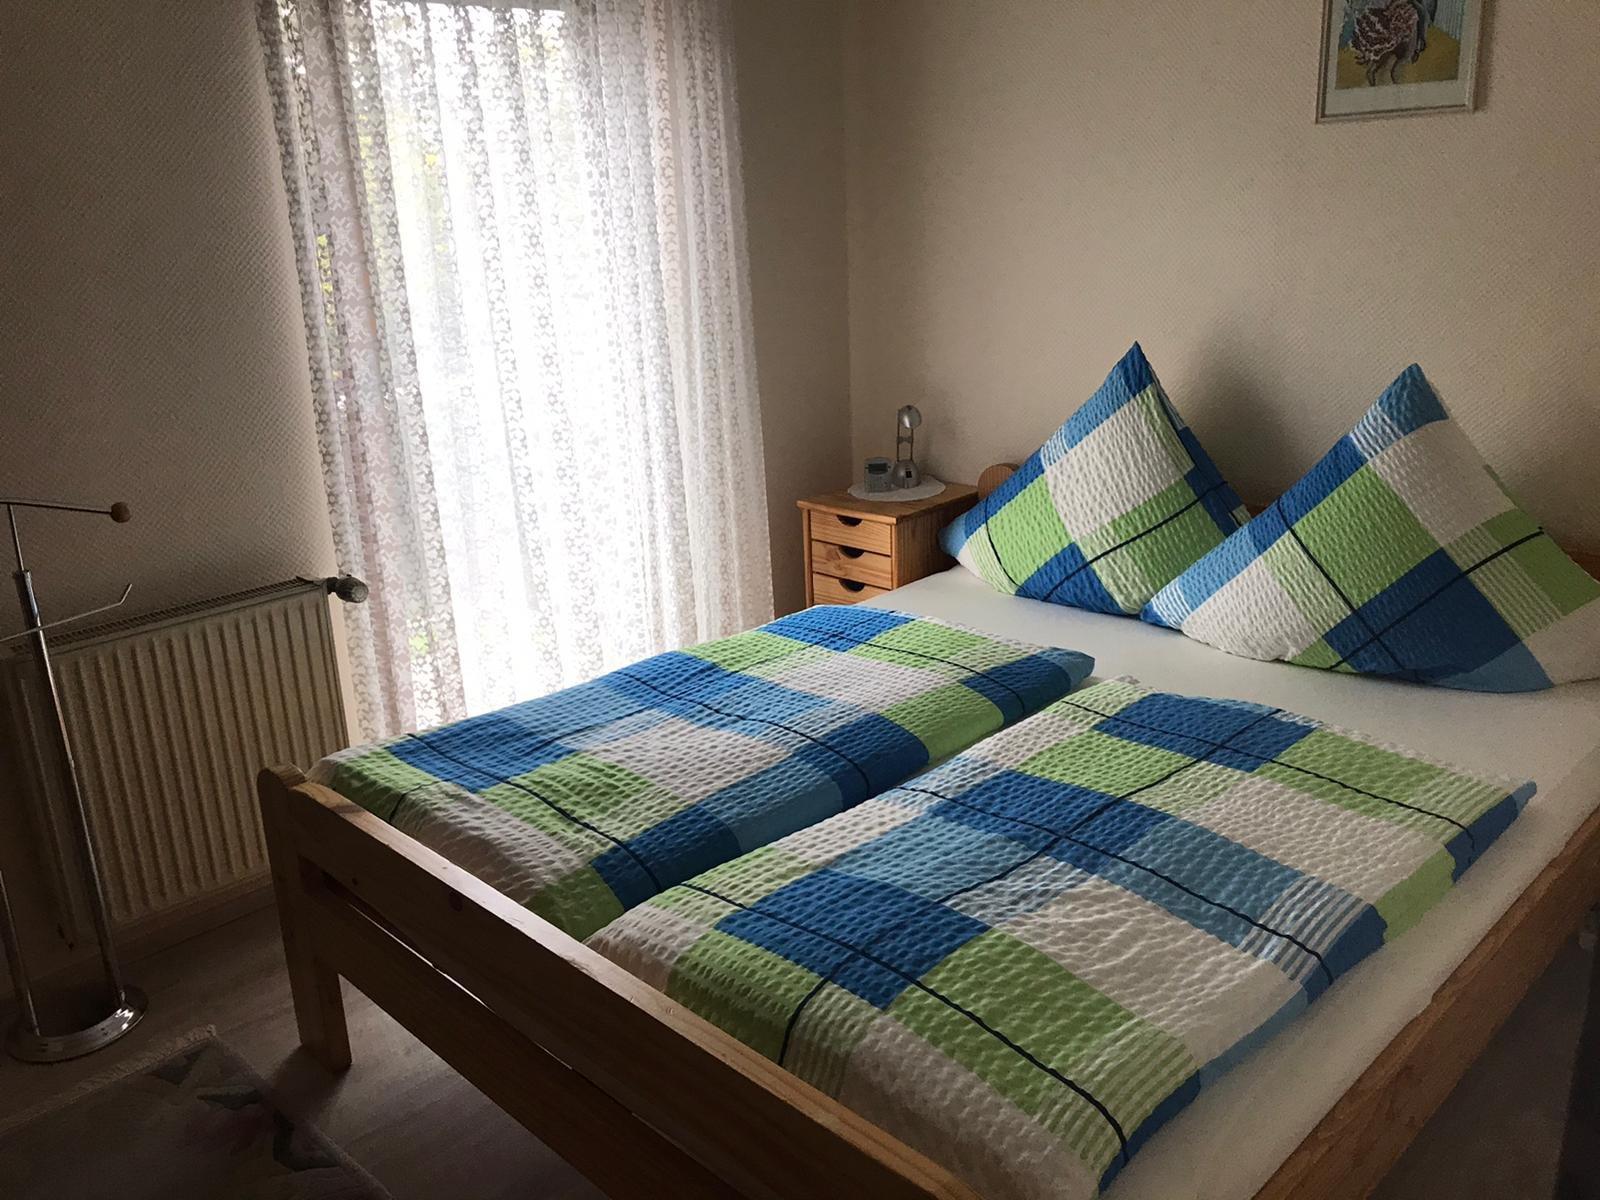 Schlafsofa für ein zweites Bett